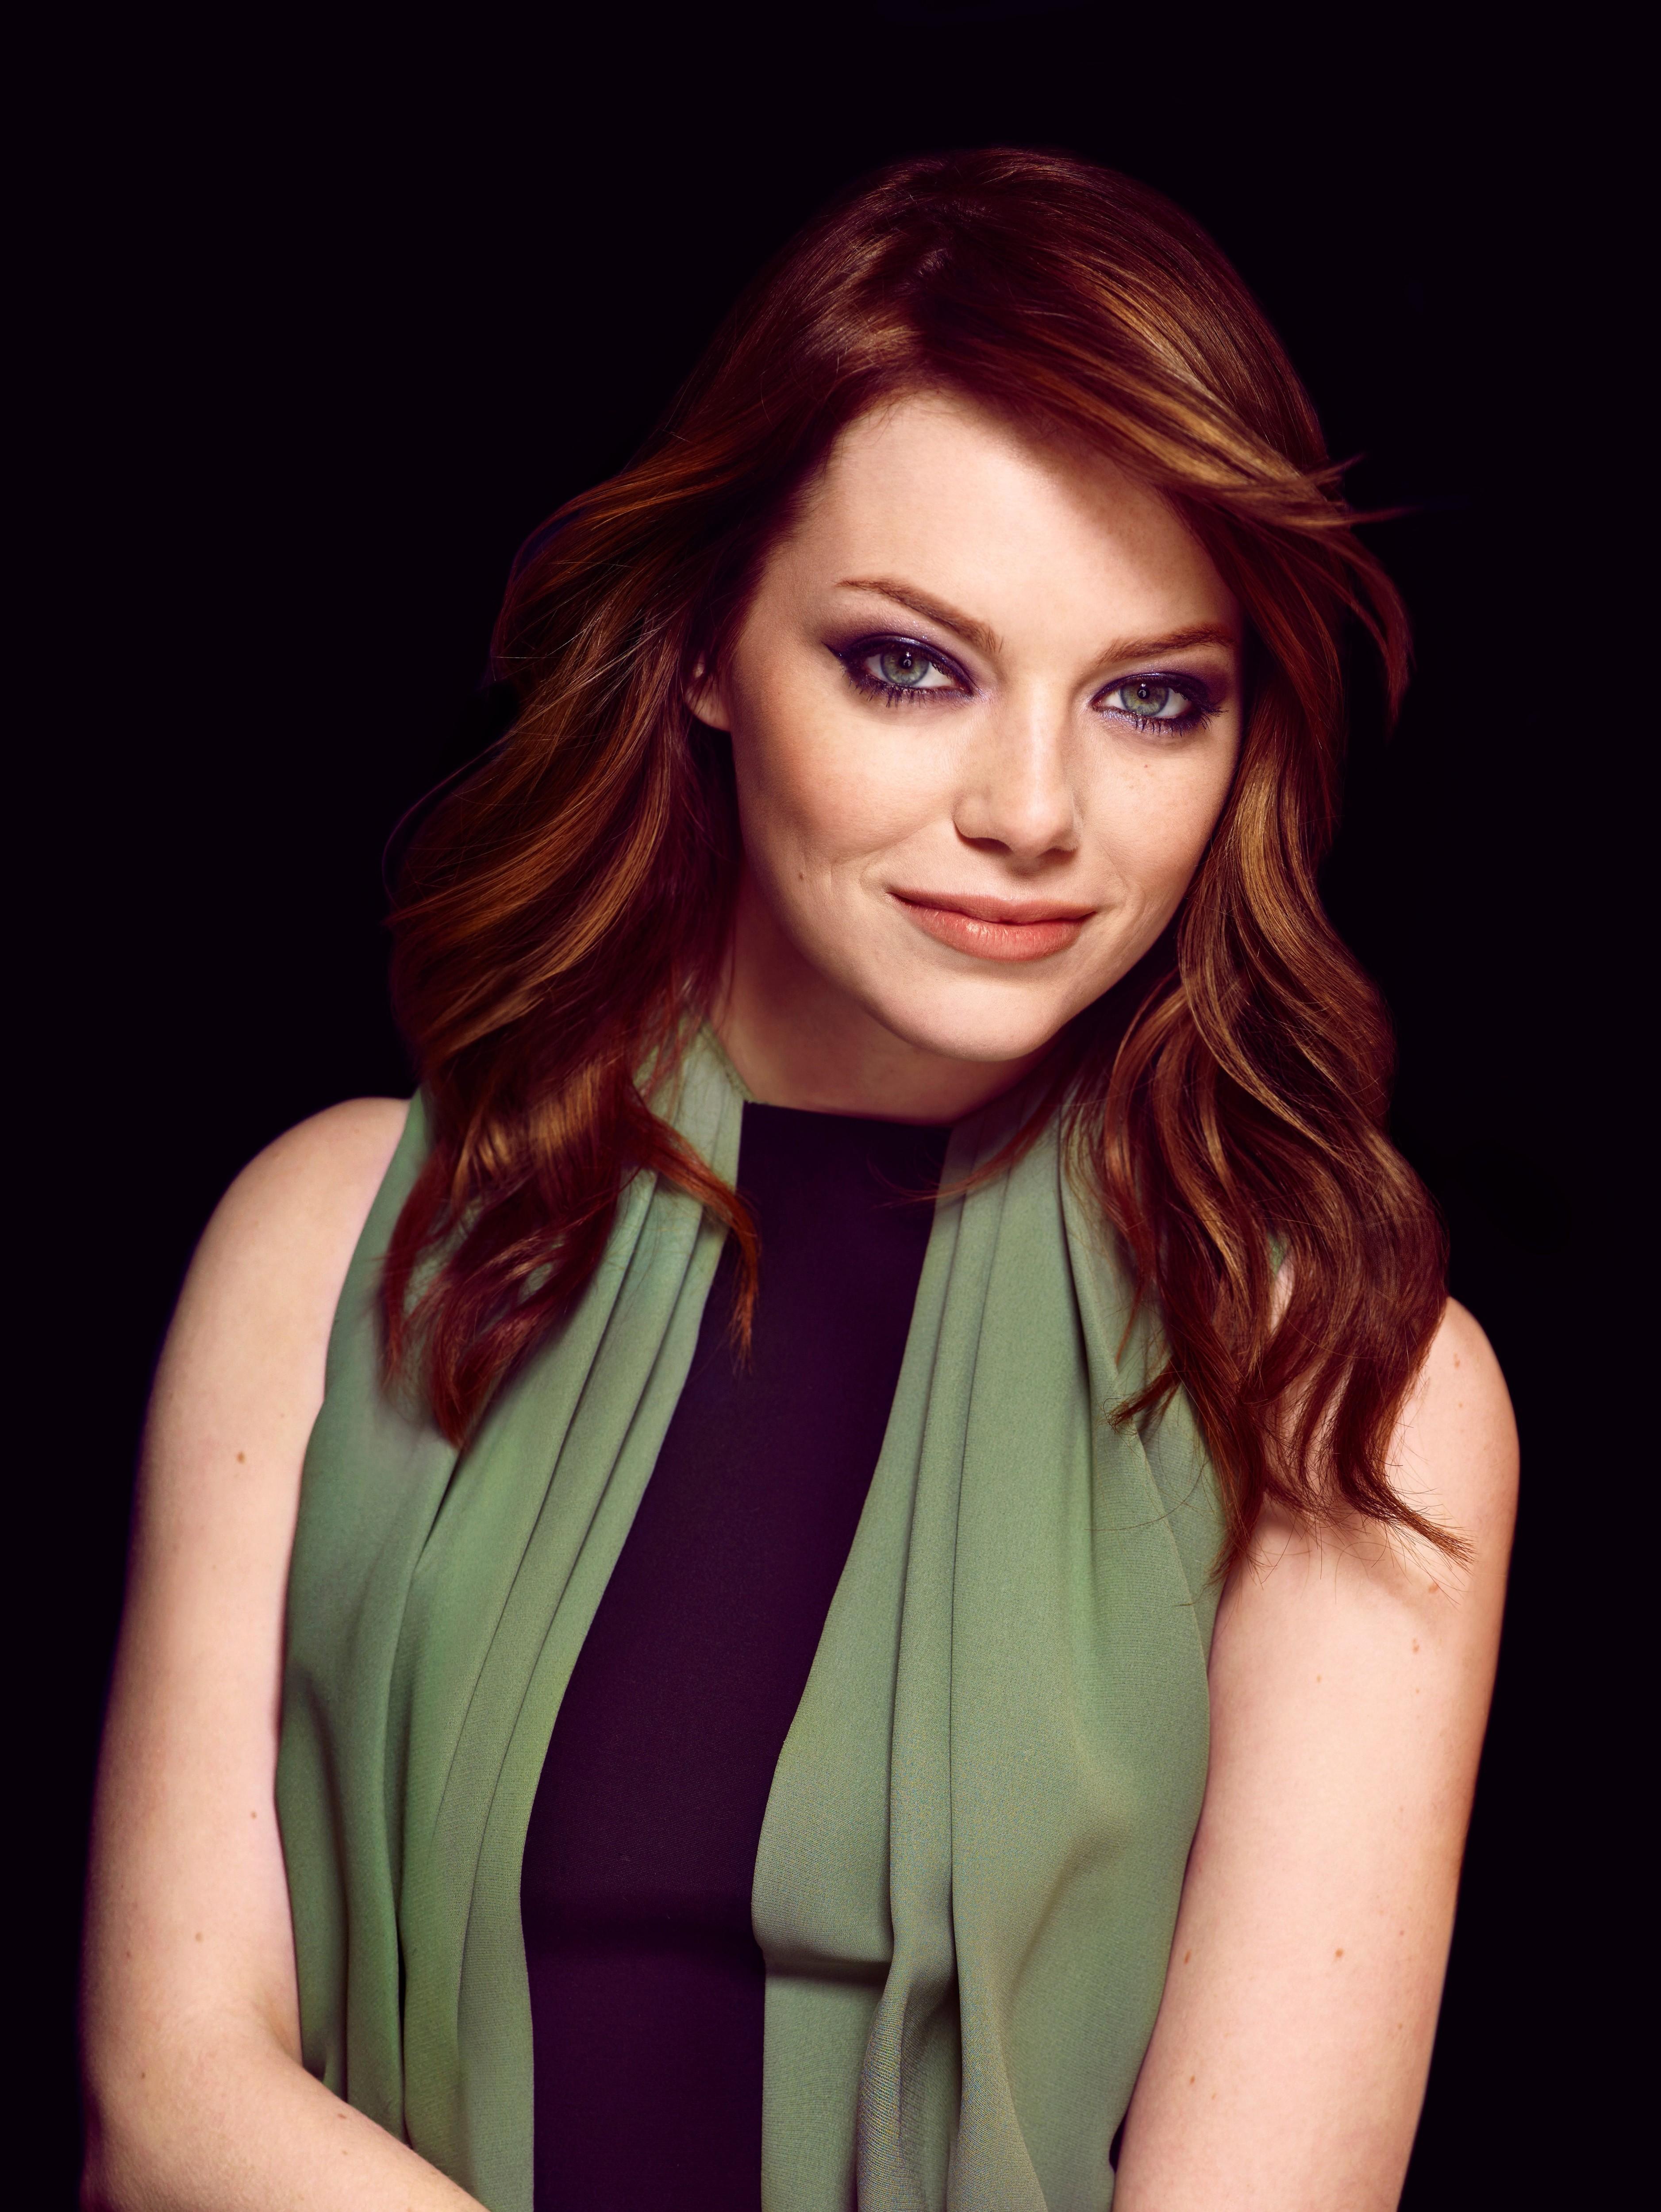 Hintergrundbilder Gesicht Frau Modell Porträt Lange